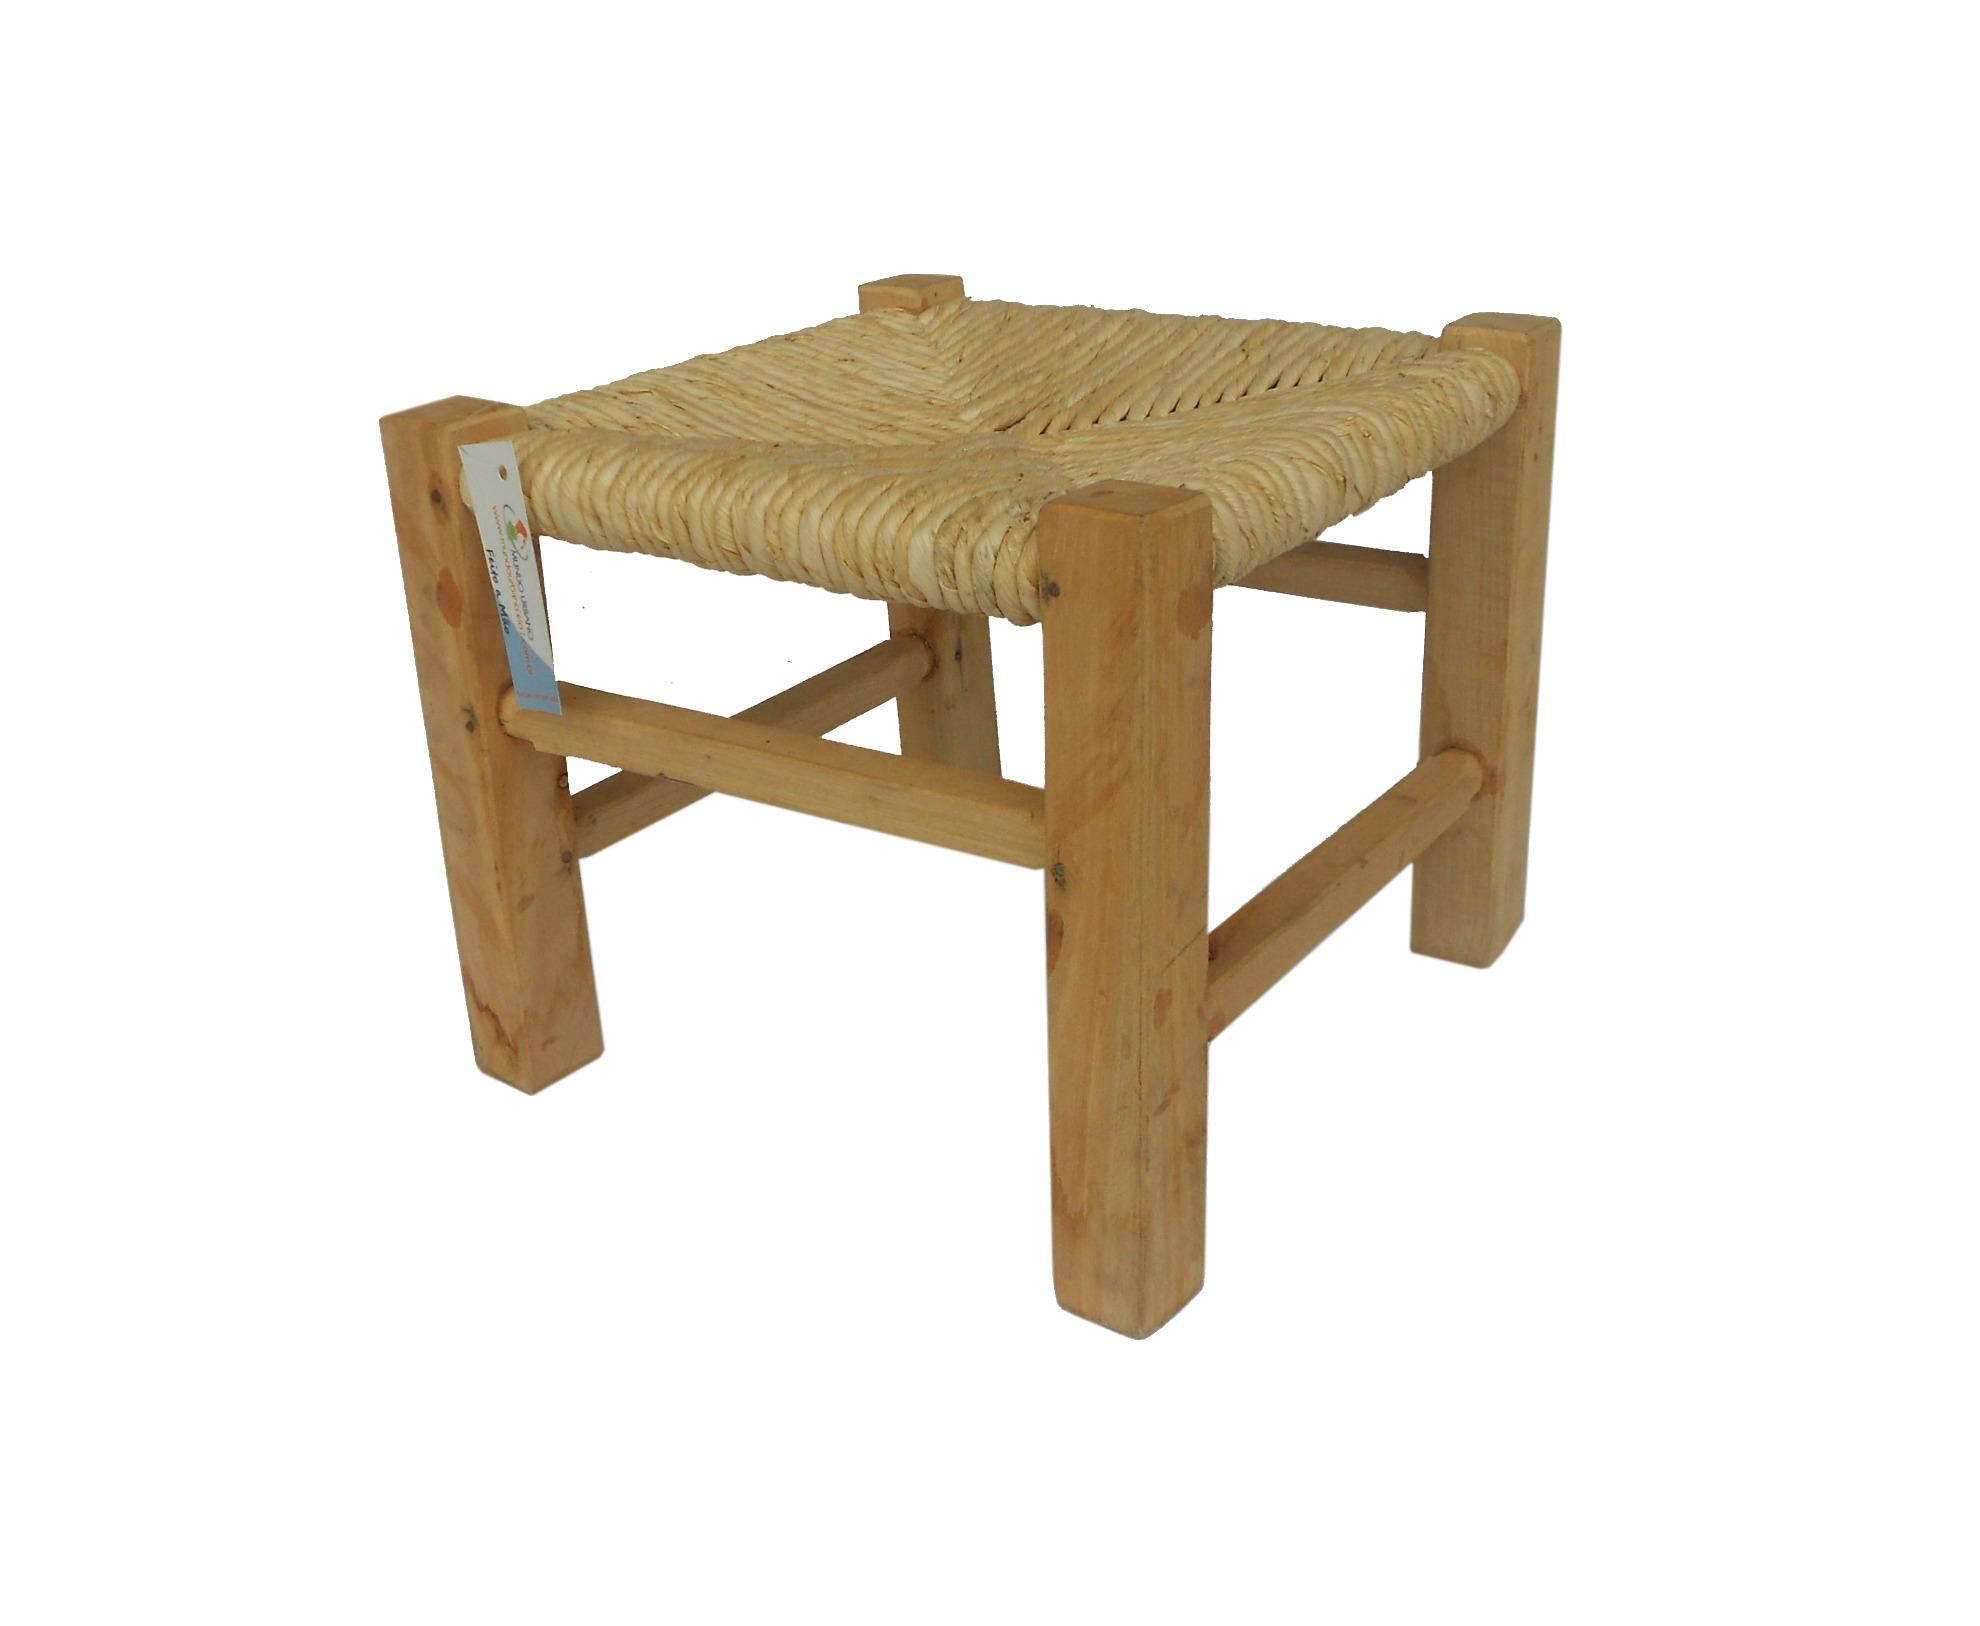 banco madeira palha milho nt 32x32x51 banco madeira palha milho nt  #50361C 1980x1626